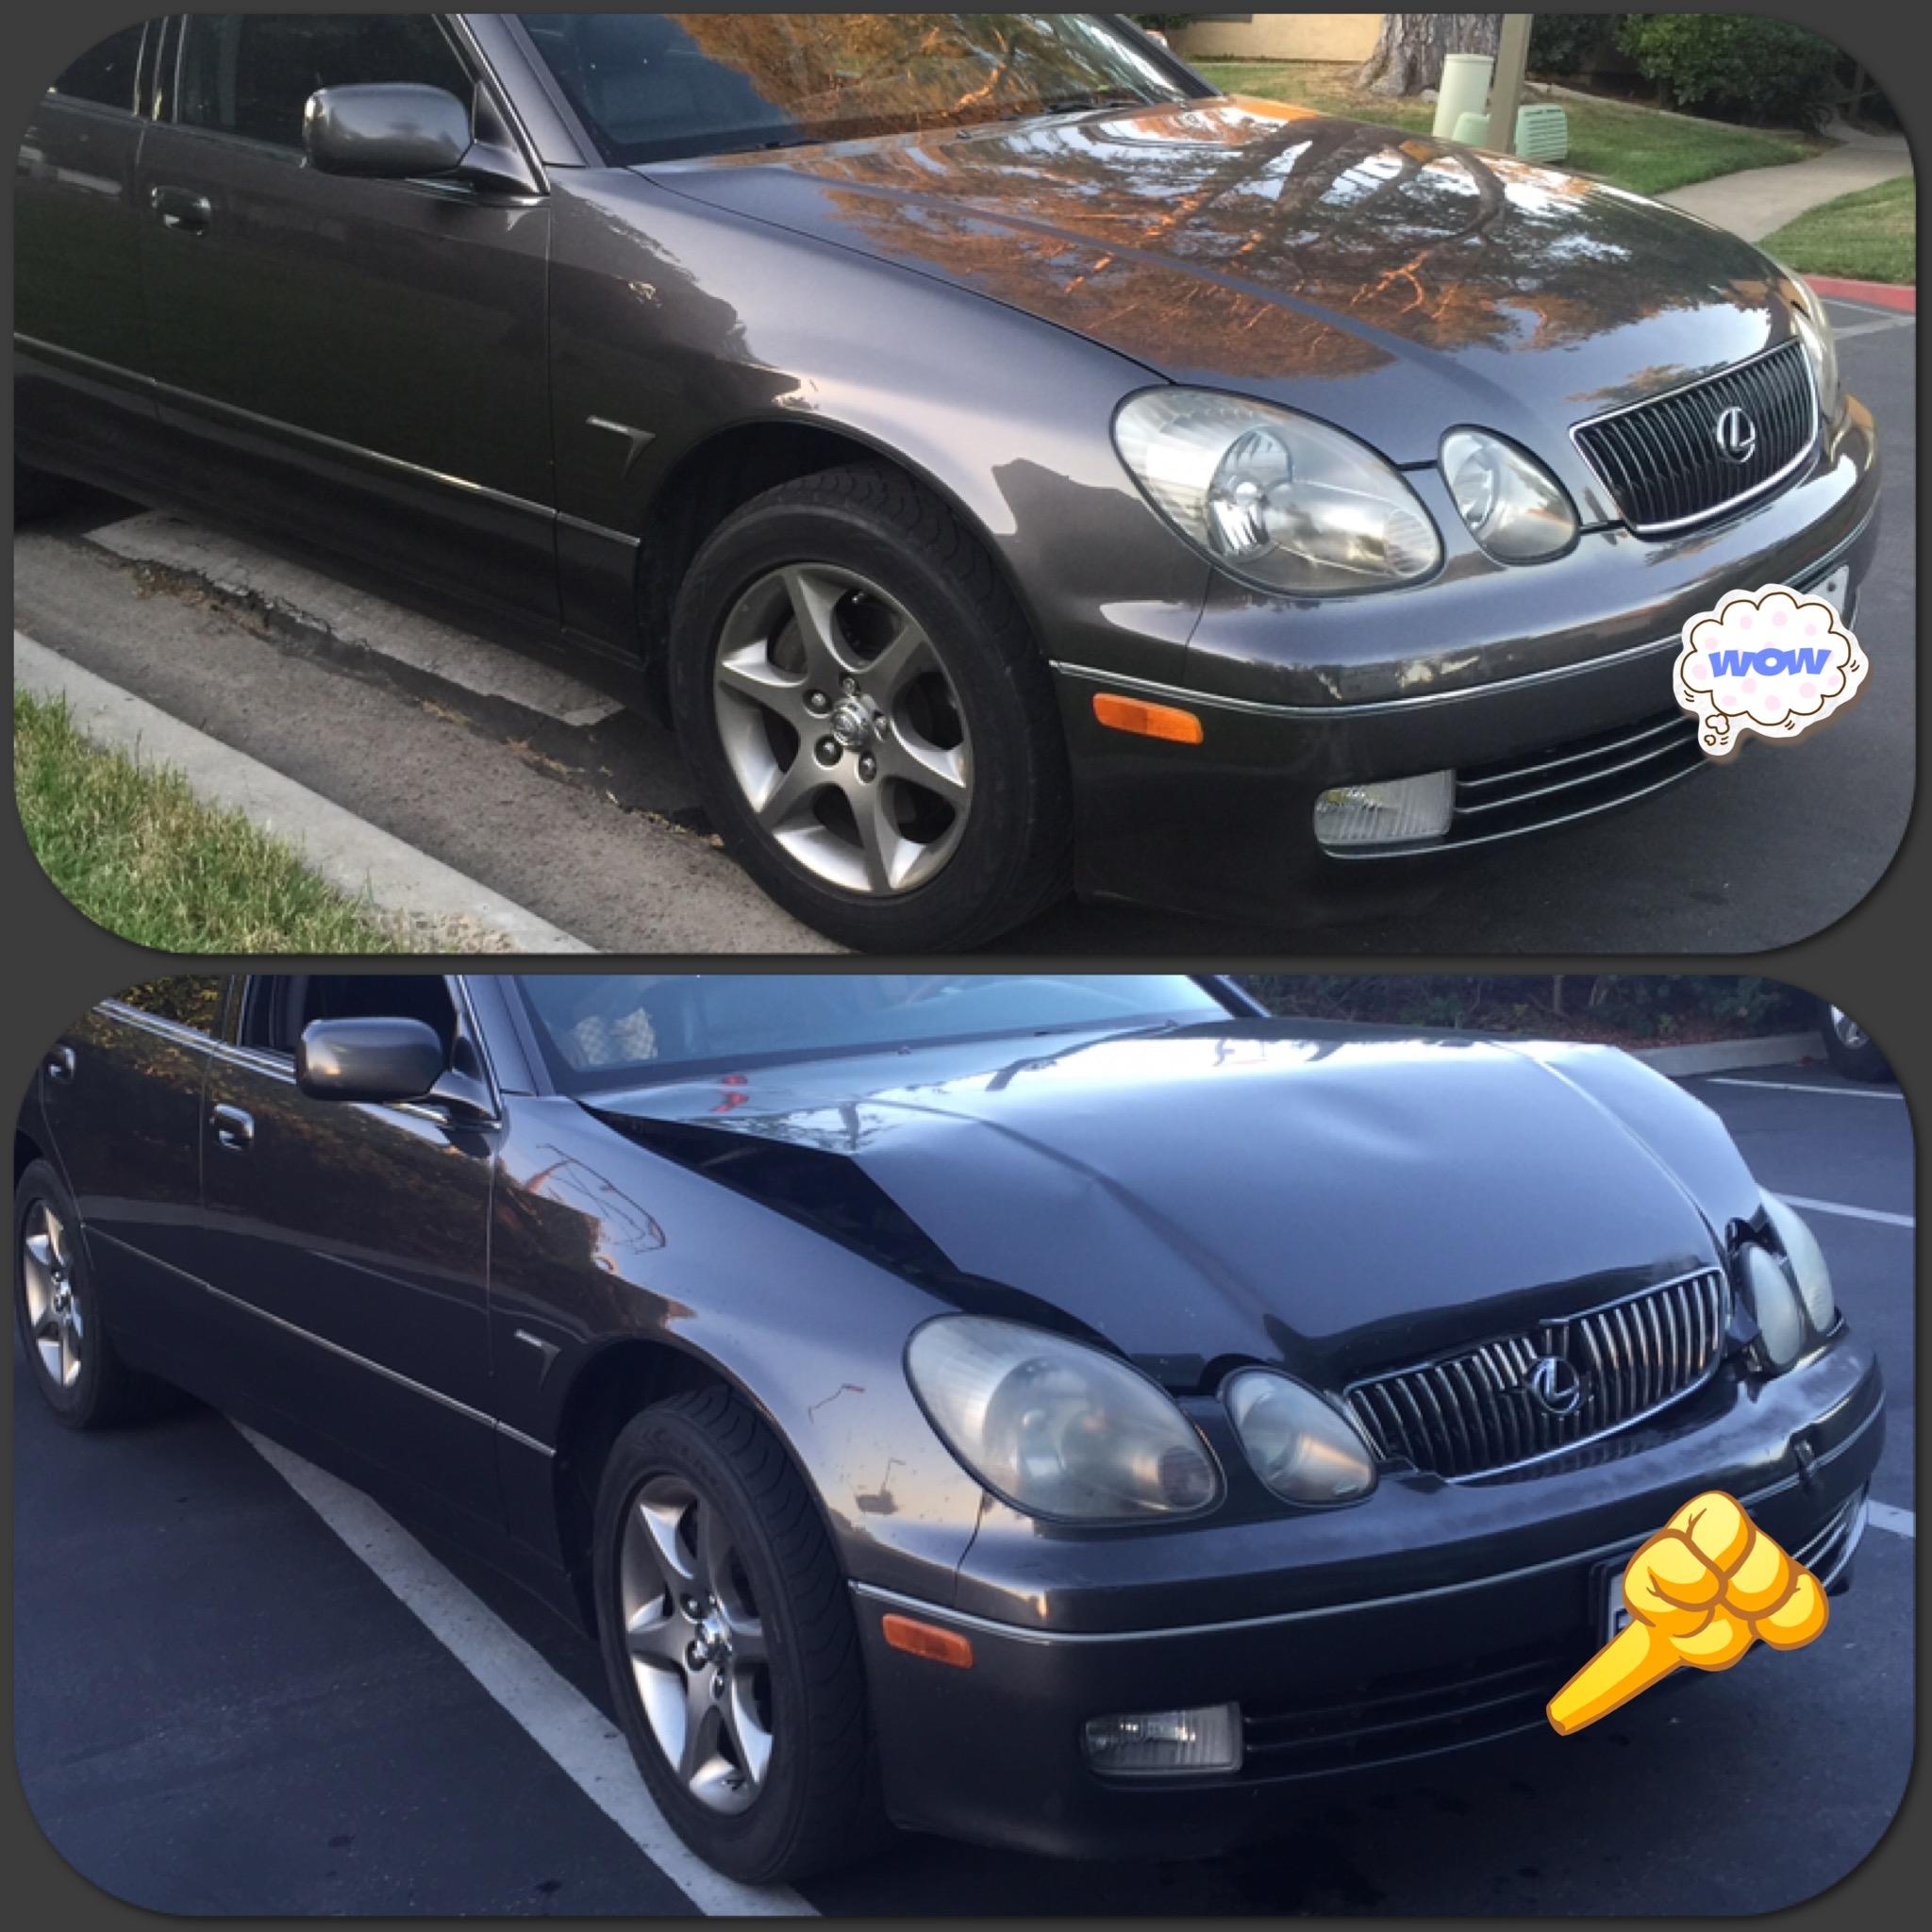 Lexus Gs For Sale: 2003 Lexus Gs300 Sport Design Free Download • Playapk.co